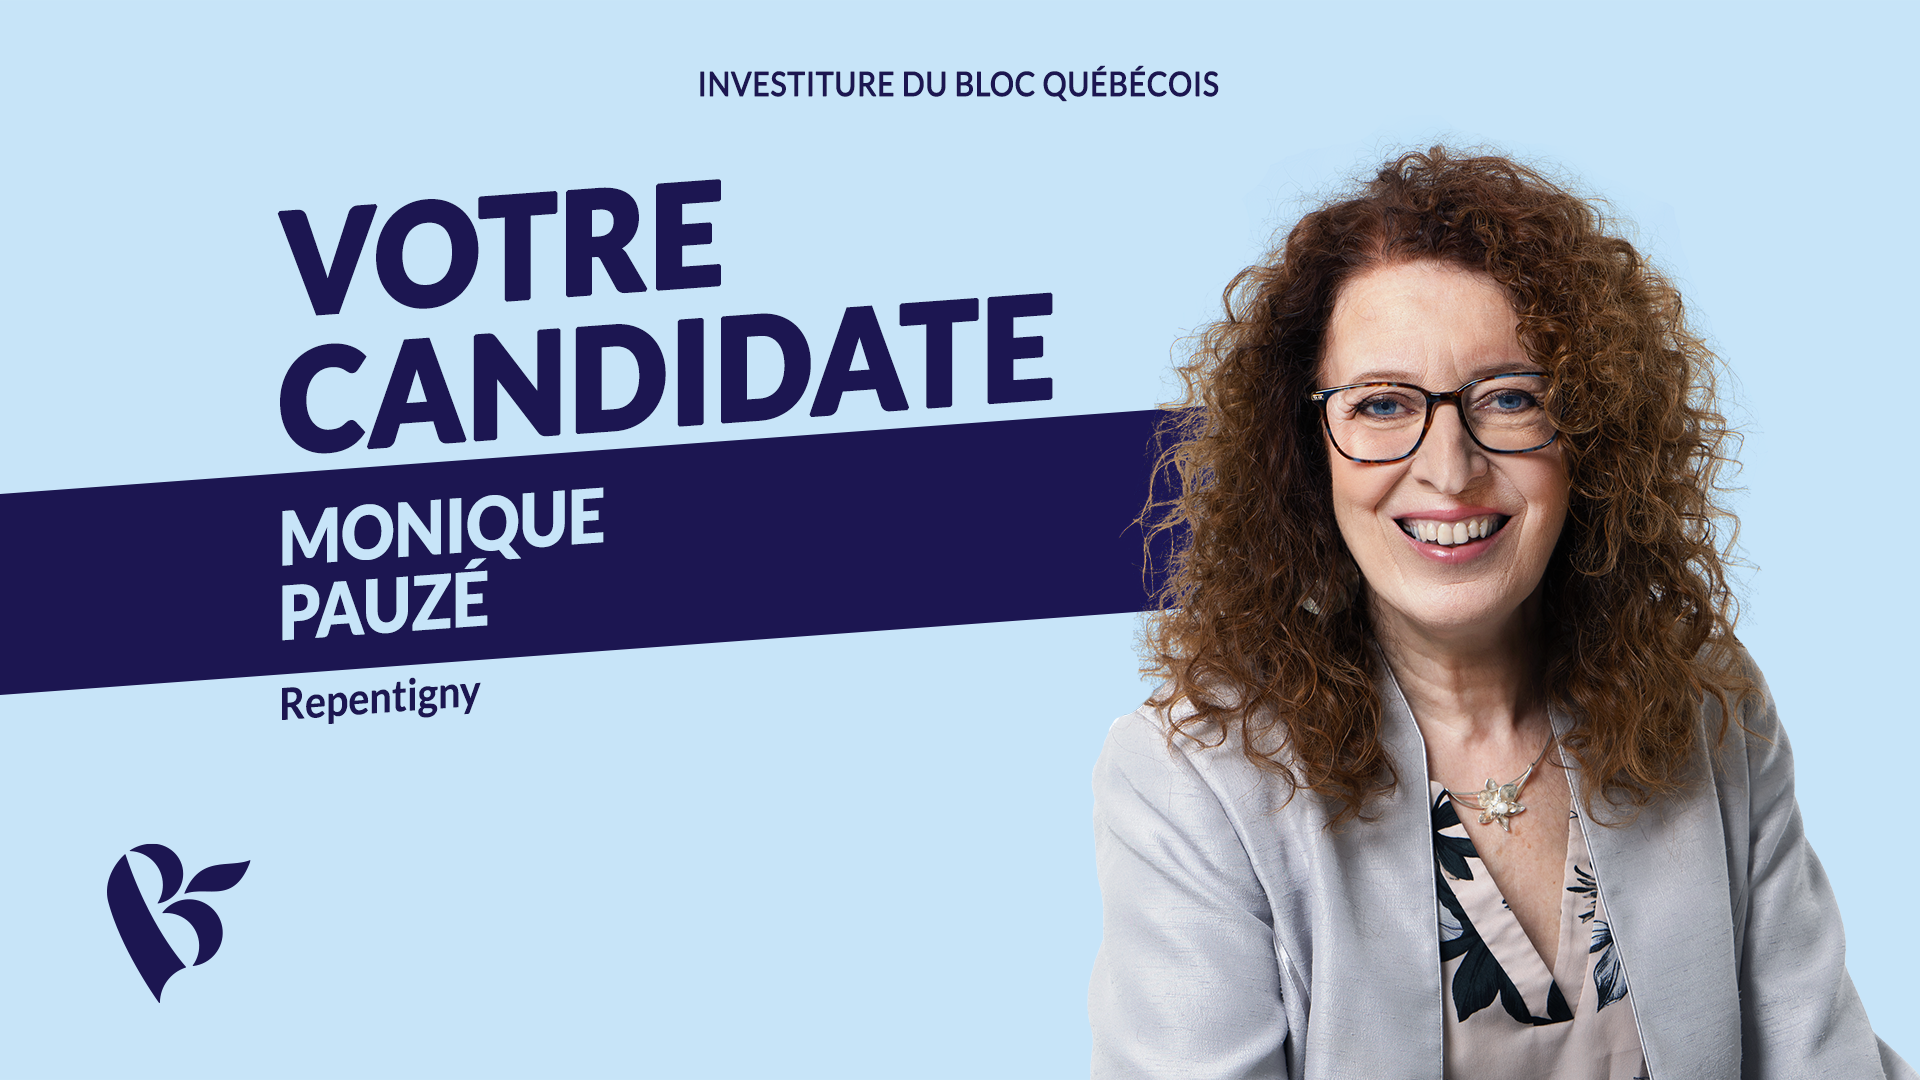 Monique Pauzé